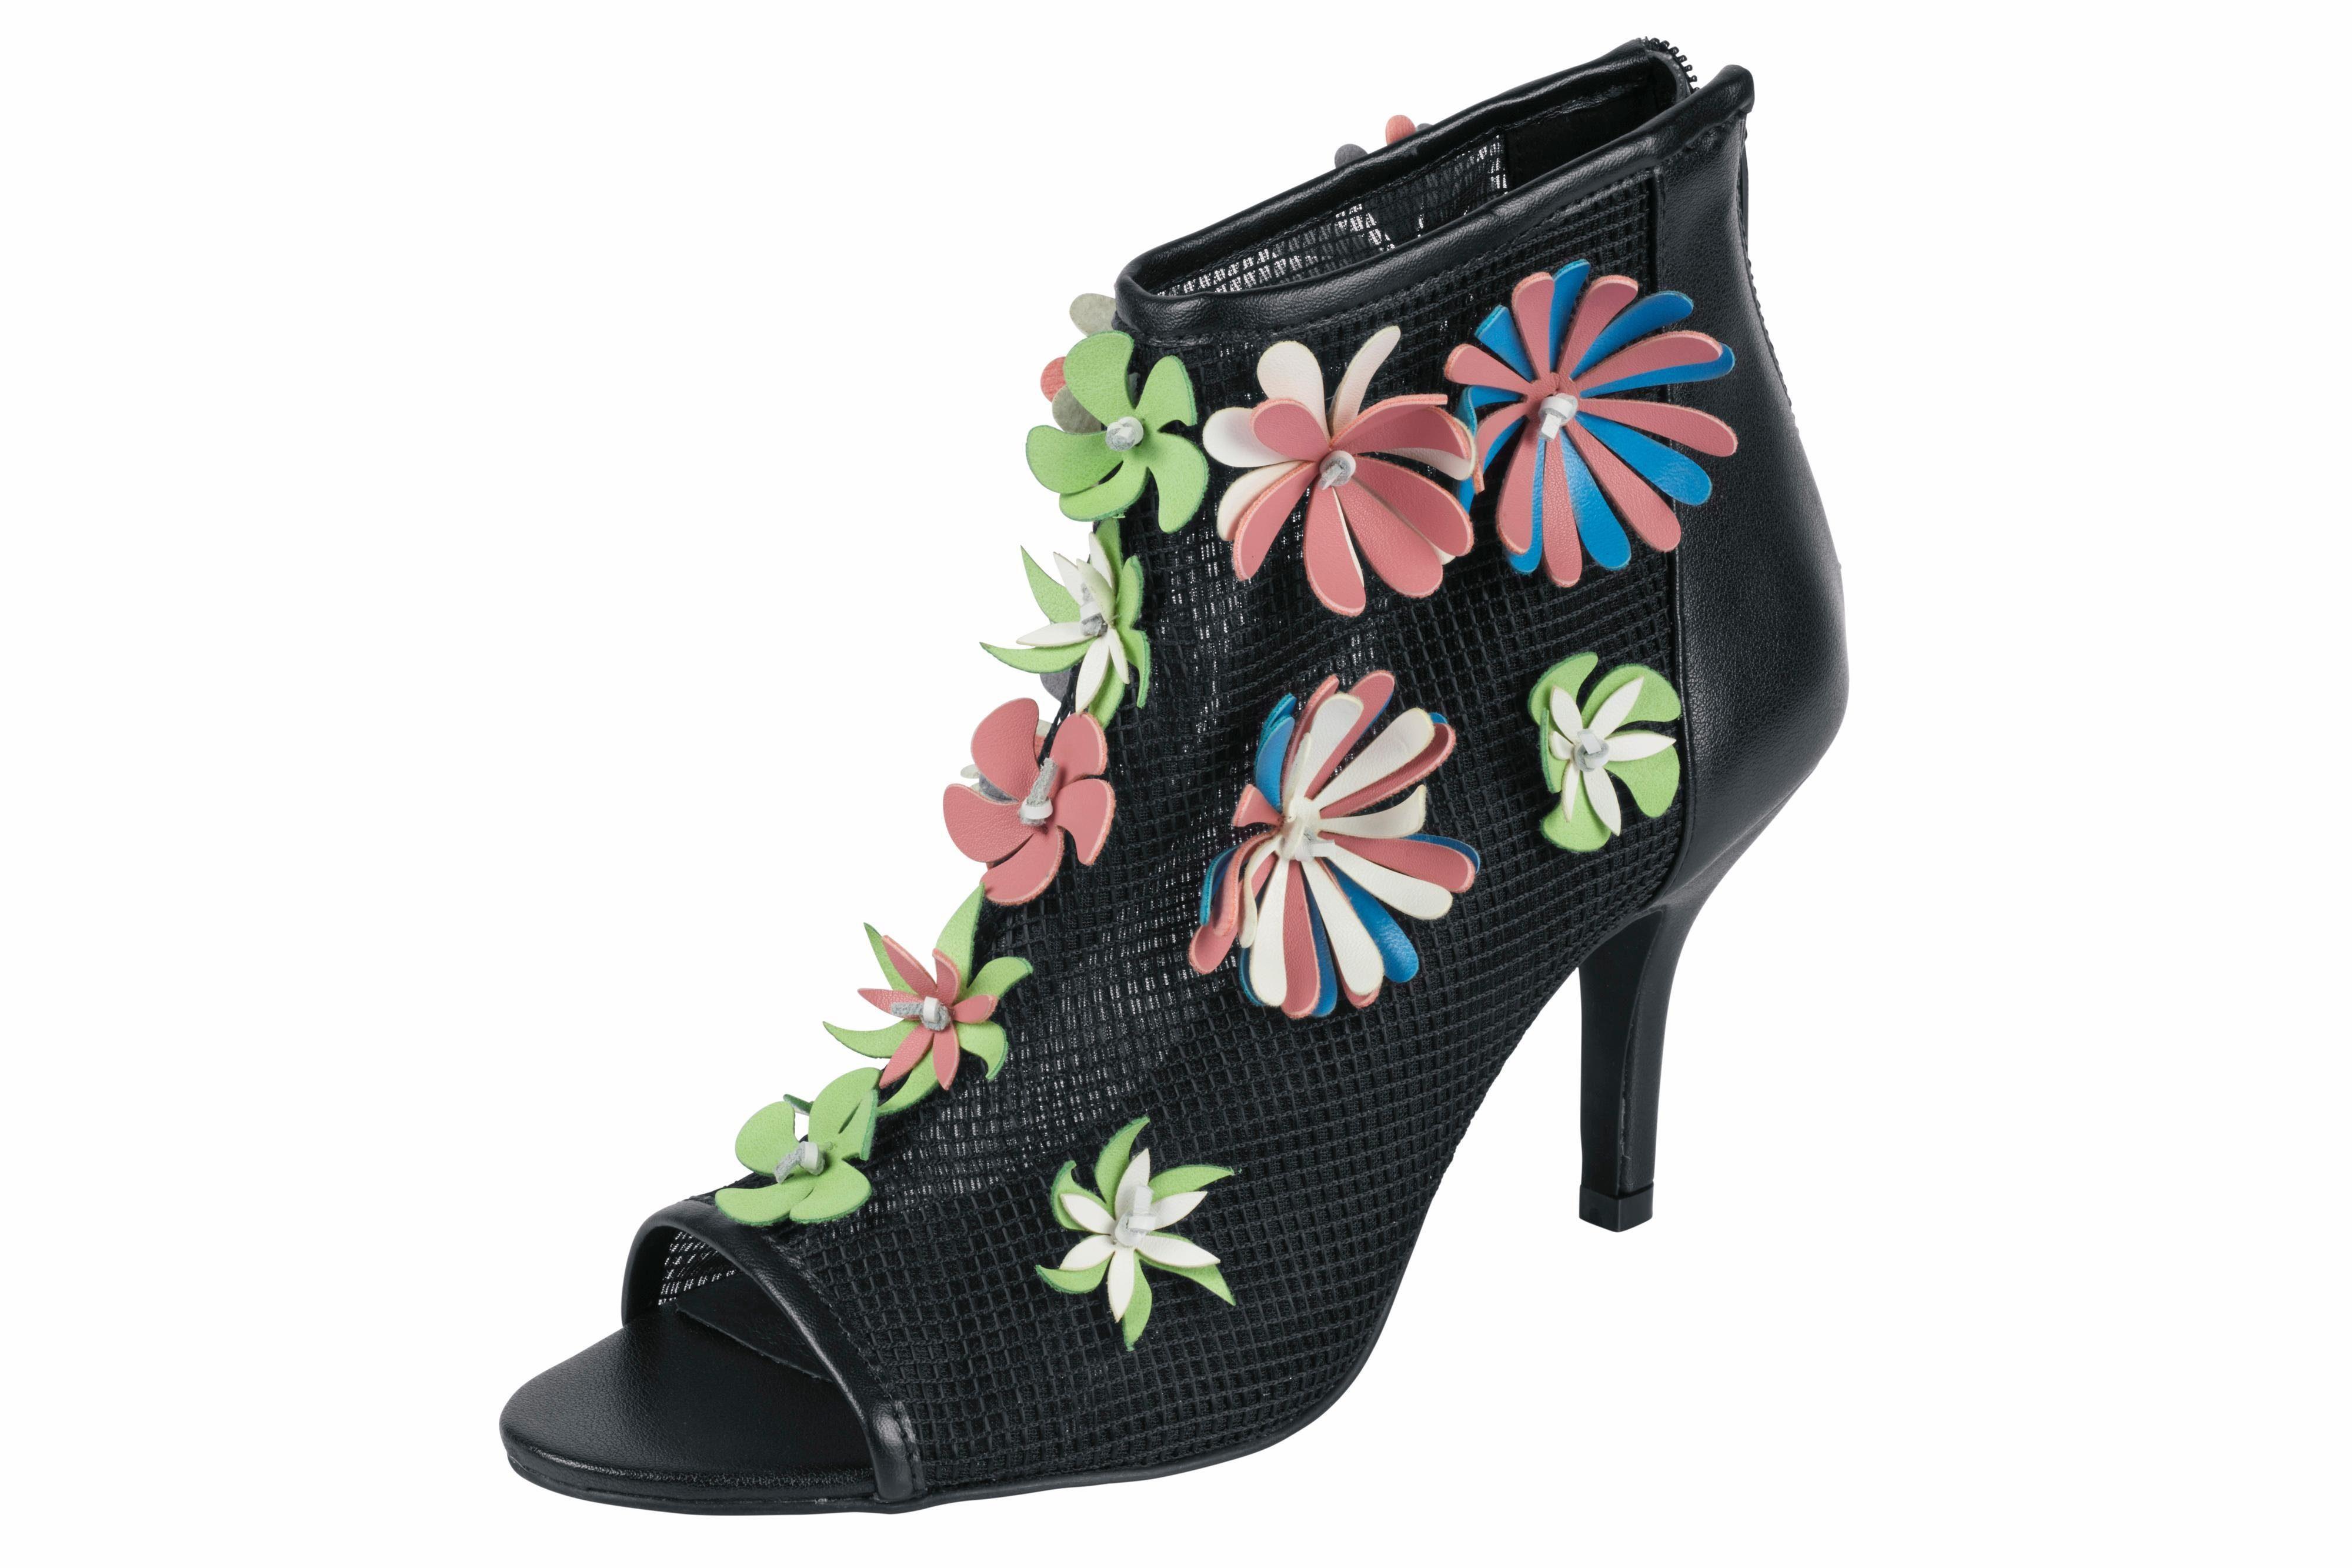 Heine Stiefelette mit Blüten-Applikation kaufen